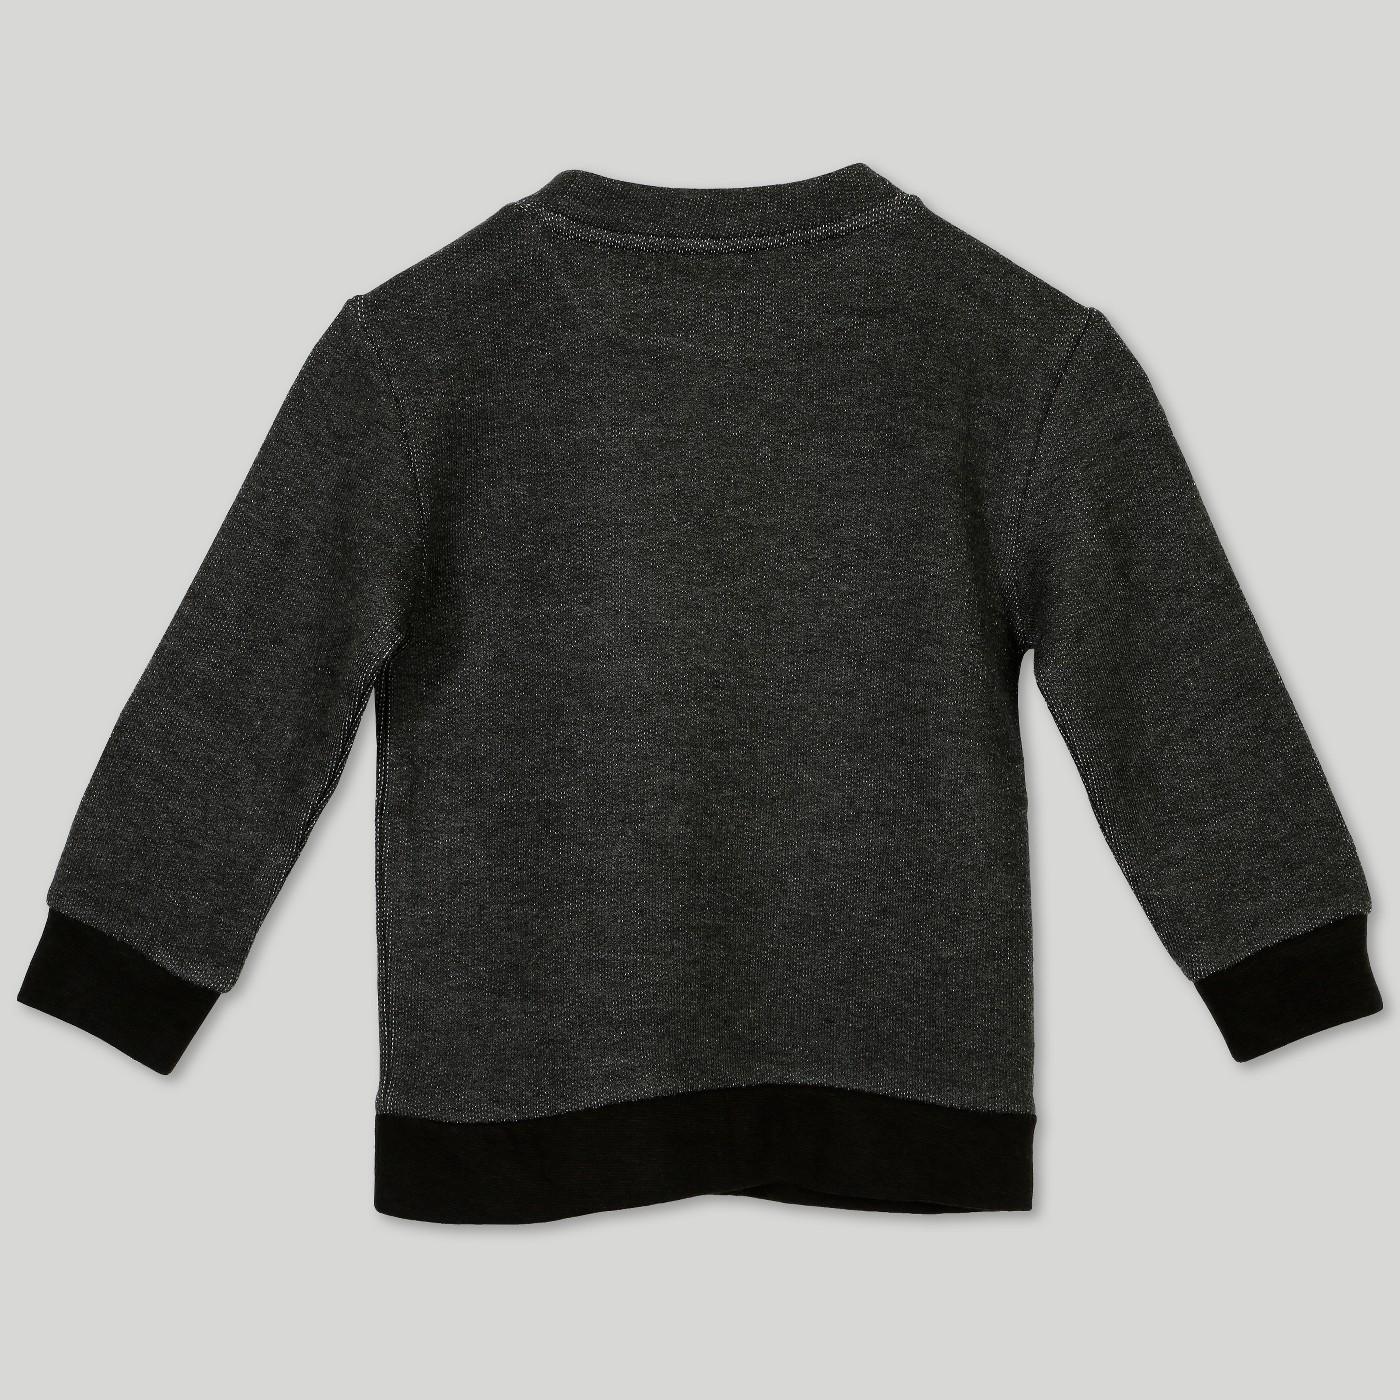 Target Afton Street Toddler Boys' French Terry Sweatshirt – Black $14.99